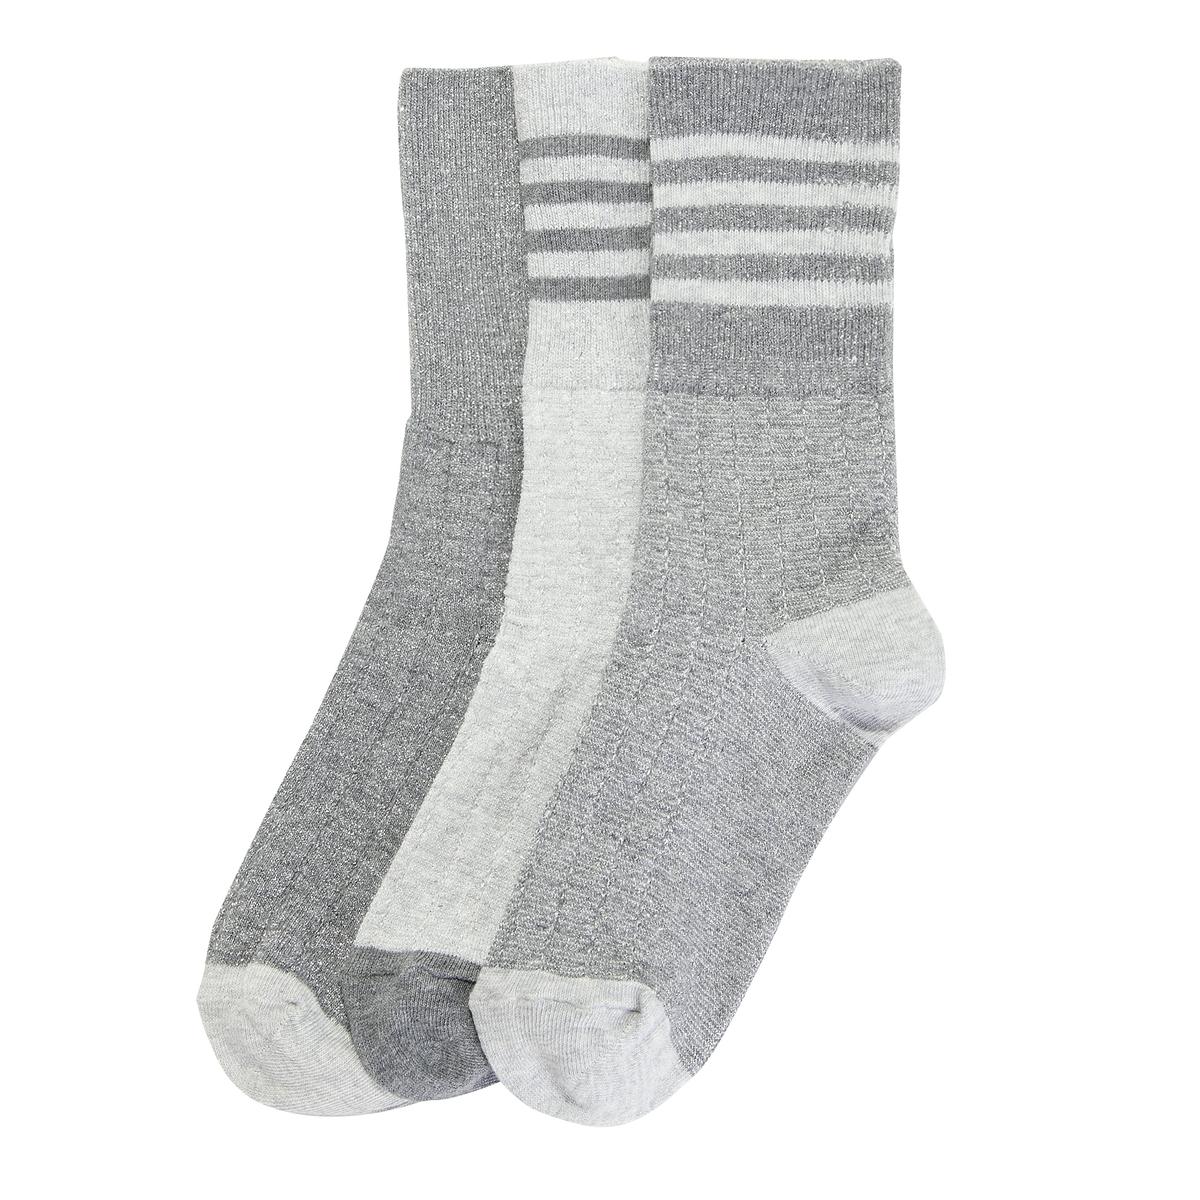 3 пары носков спортивных комплект из 2 пар коротких спортивных носков